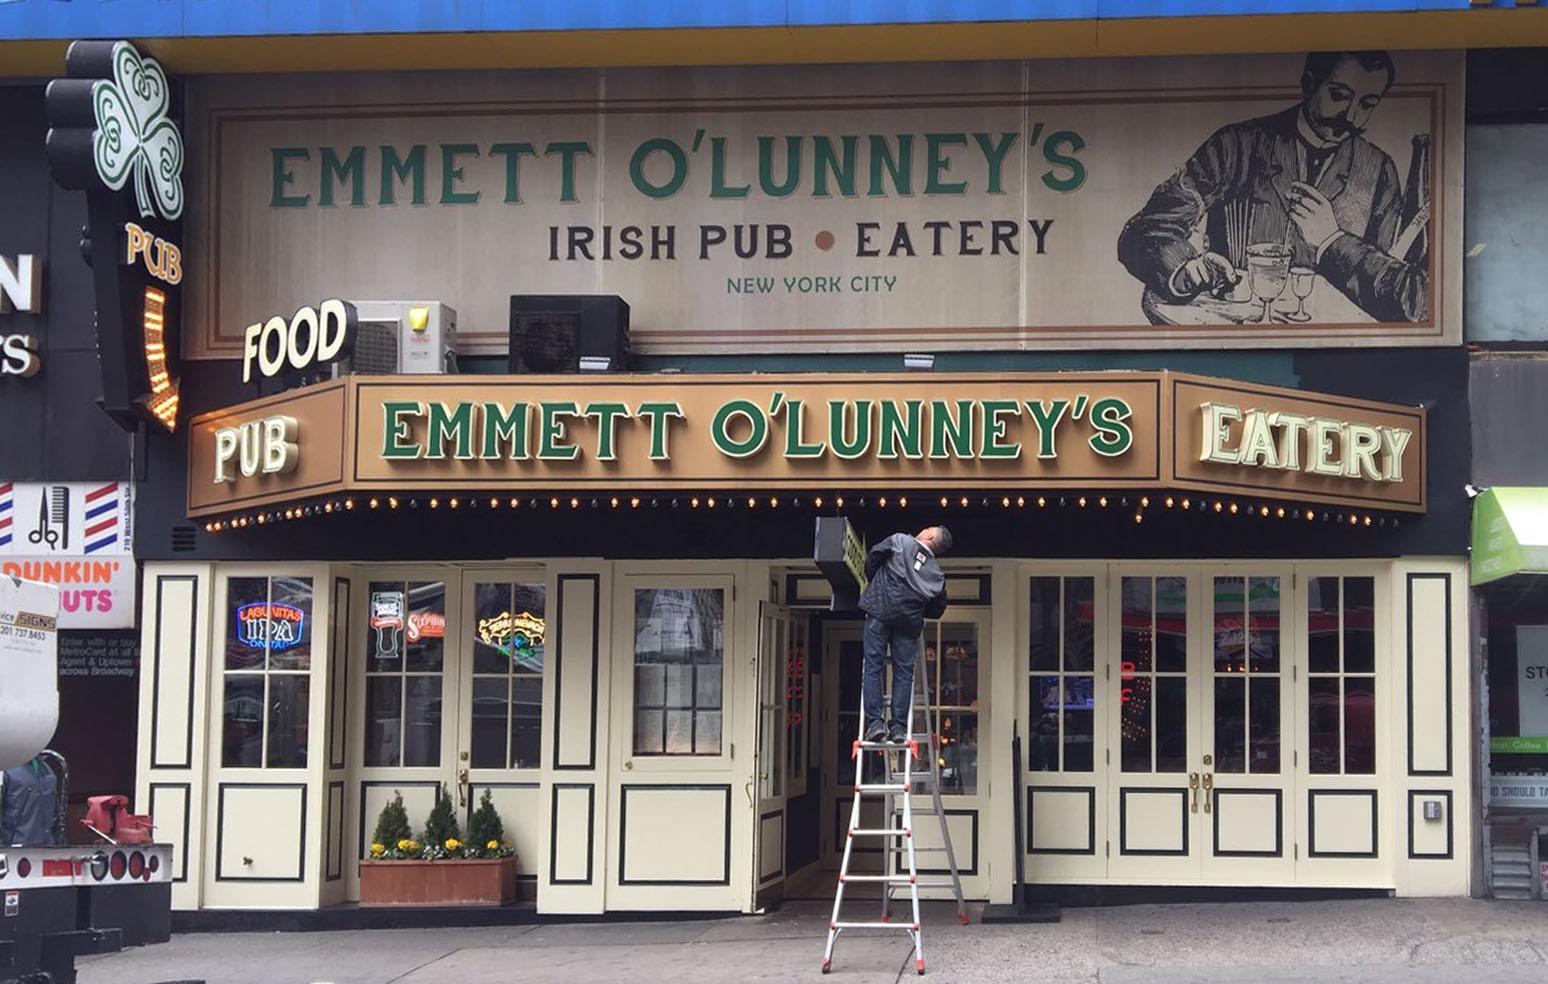 Emmett-Olunneys